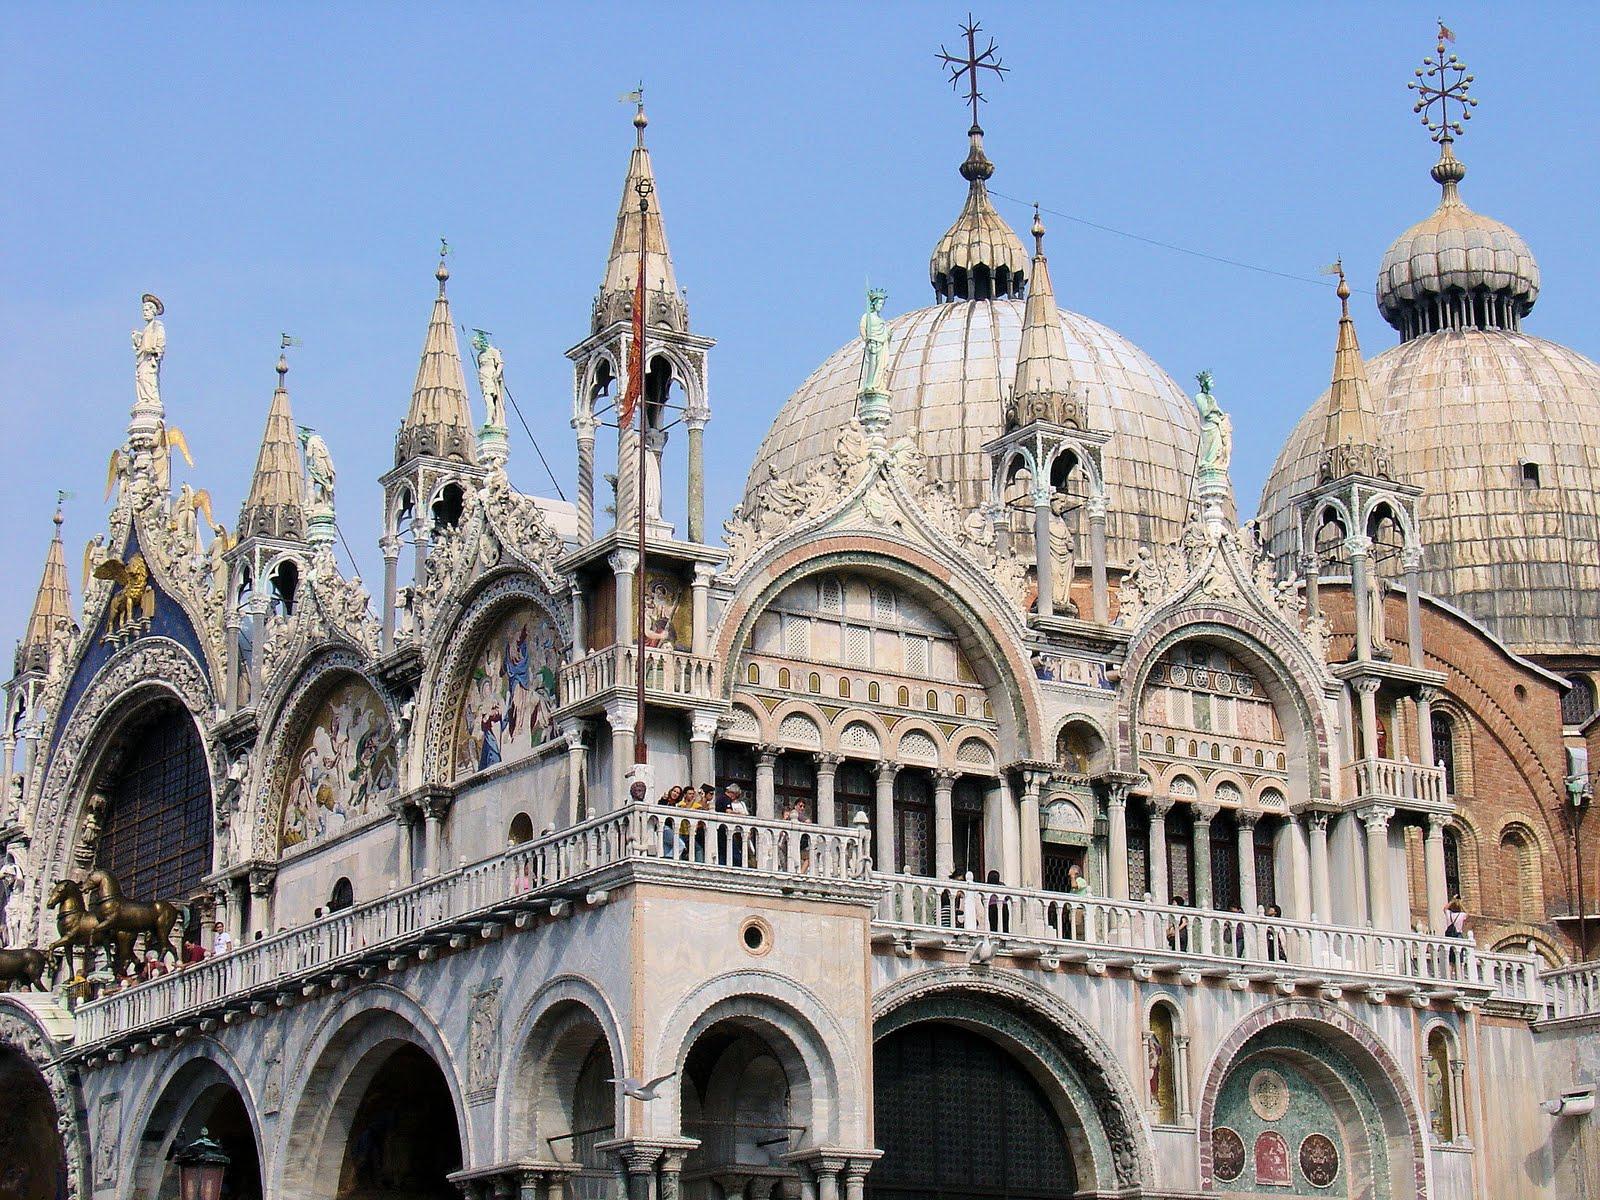 Basilica di san marco in venice italy for Esterno basilica di san marco